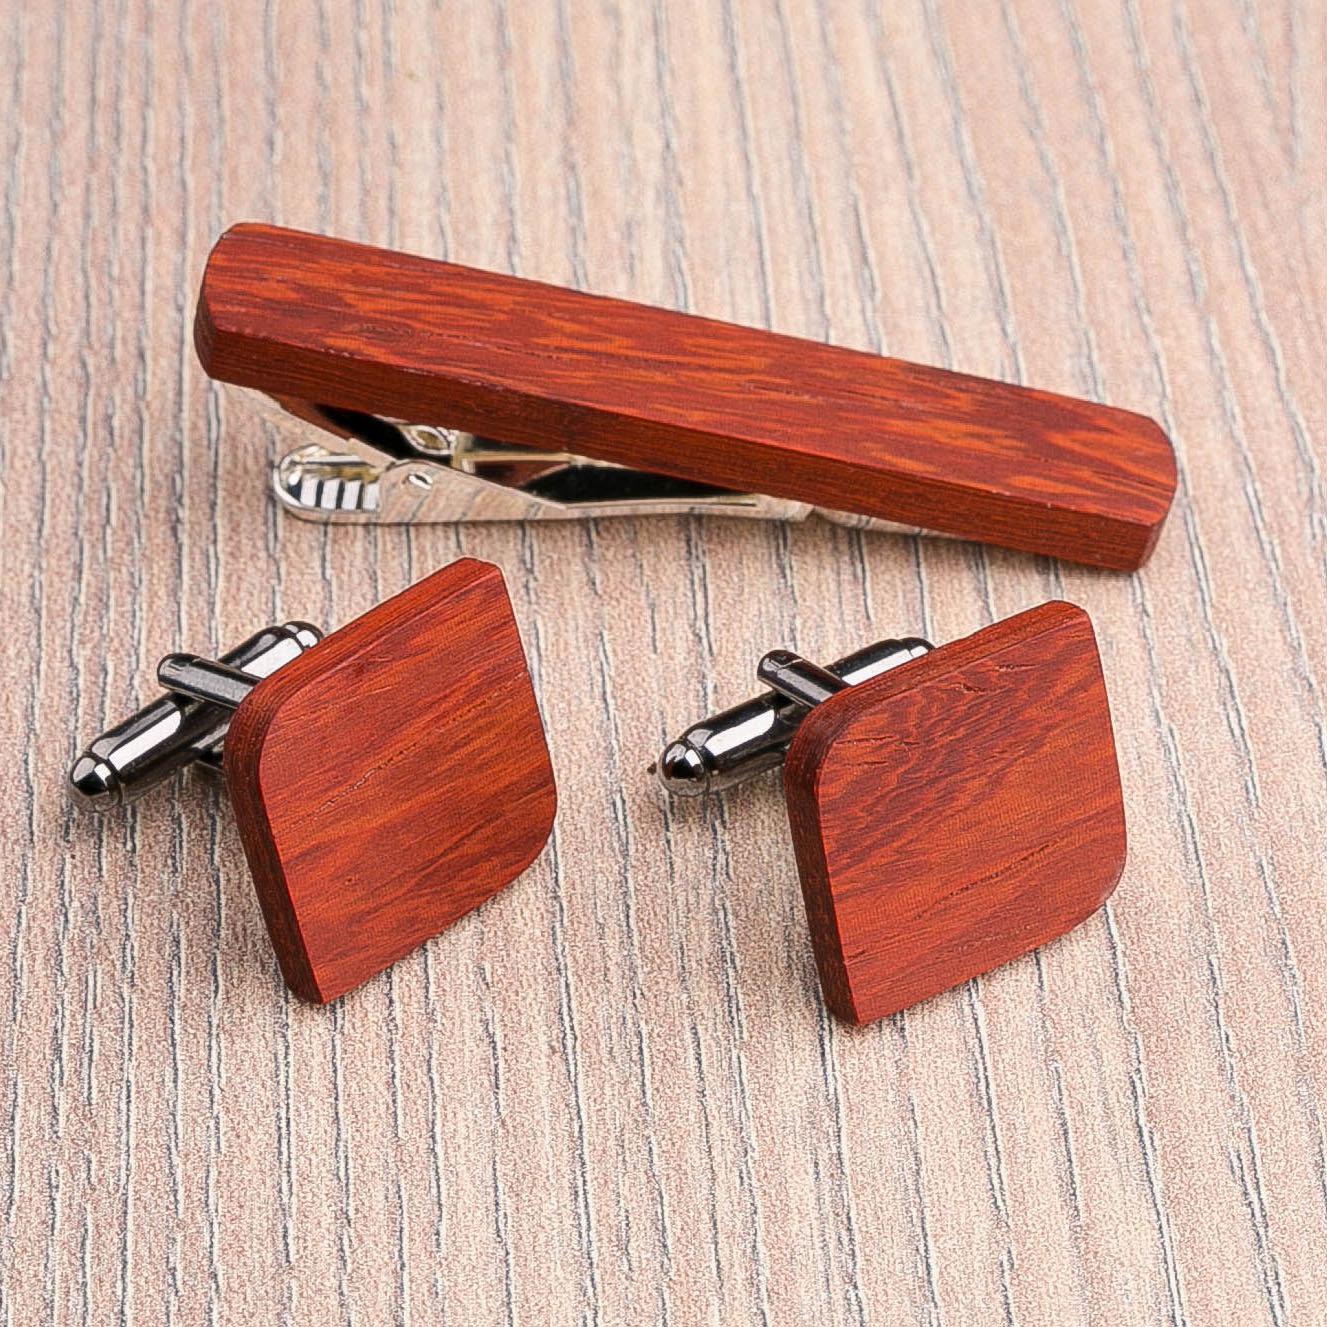 Комплект: Скругленные запонки из дерева и Деревянный зажим для галстука. Массив падука. Гравировка инициалов. Упаковка в комплекте CufflinksSet-RndSquarePadauk